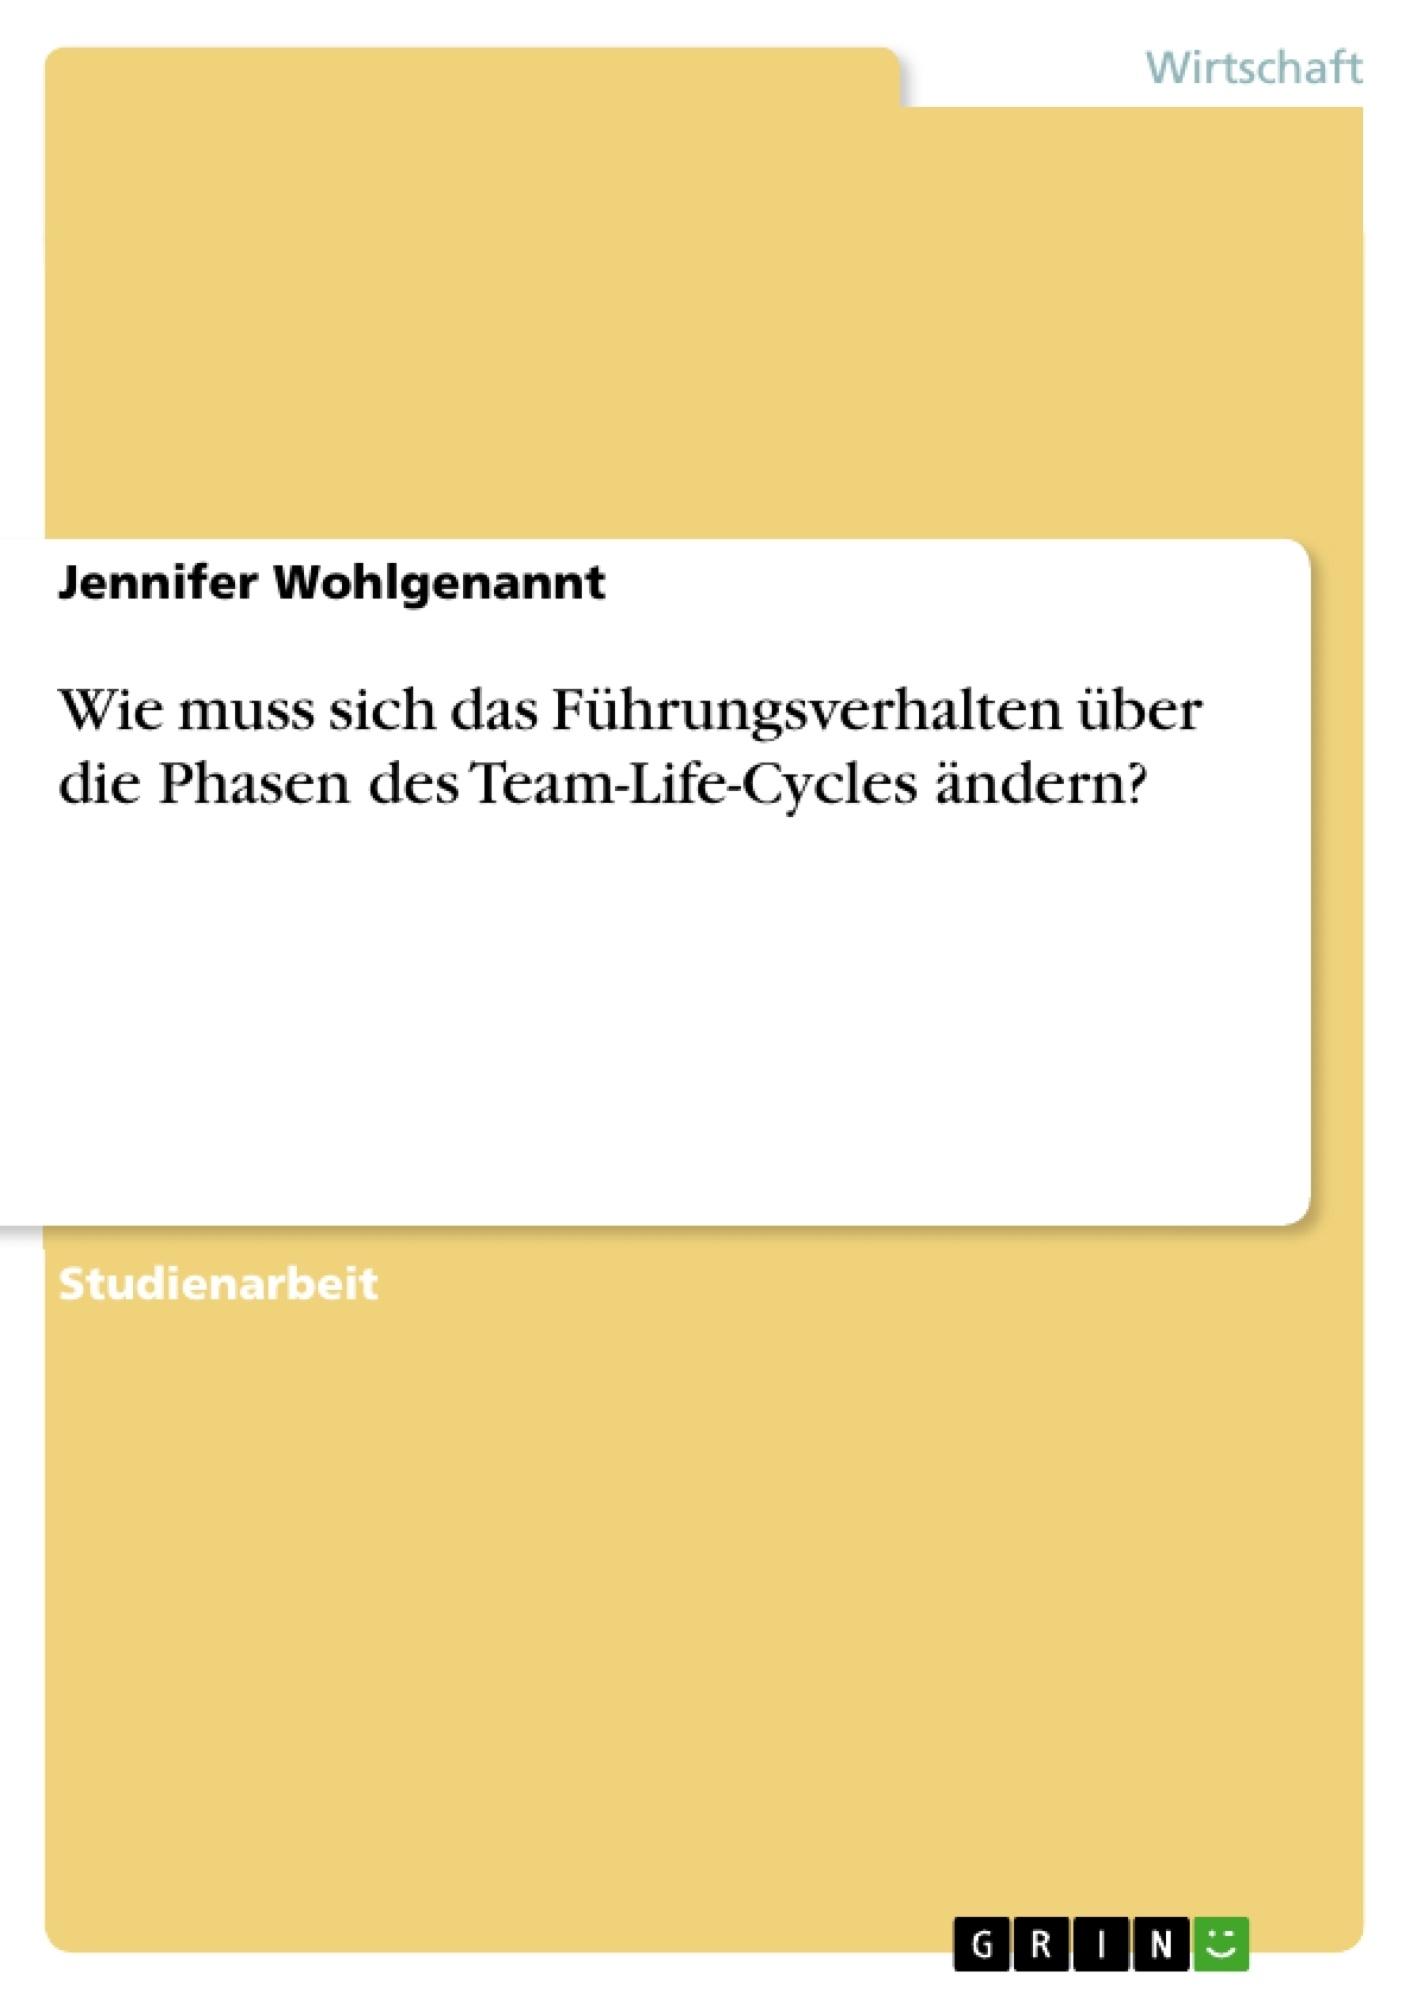 Titel: Wie muss sich das Führungsverhalten über die Phasen des Team-Life-Cycles ändern?